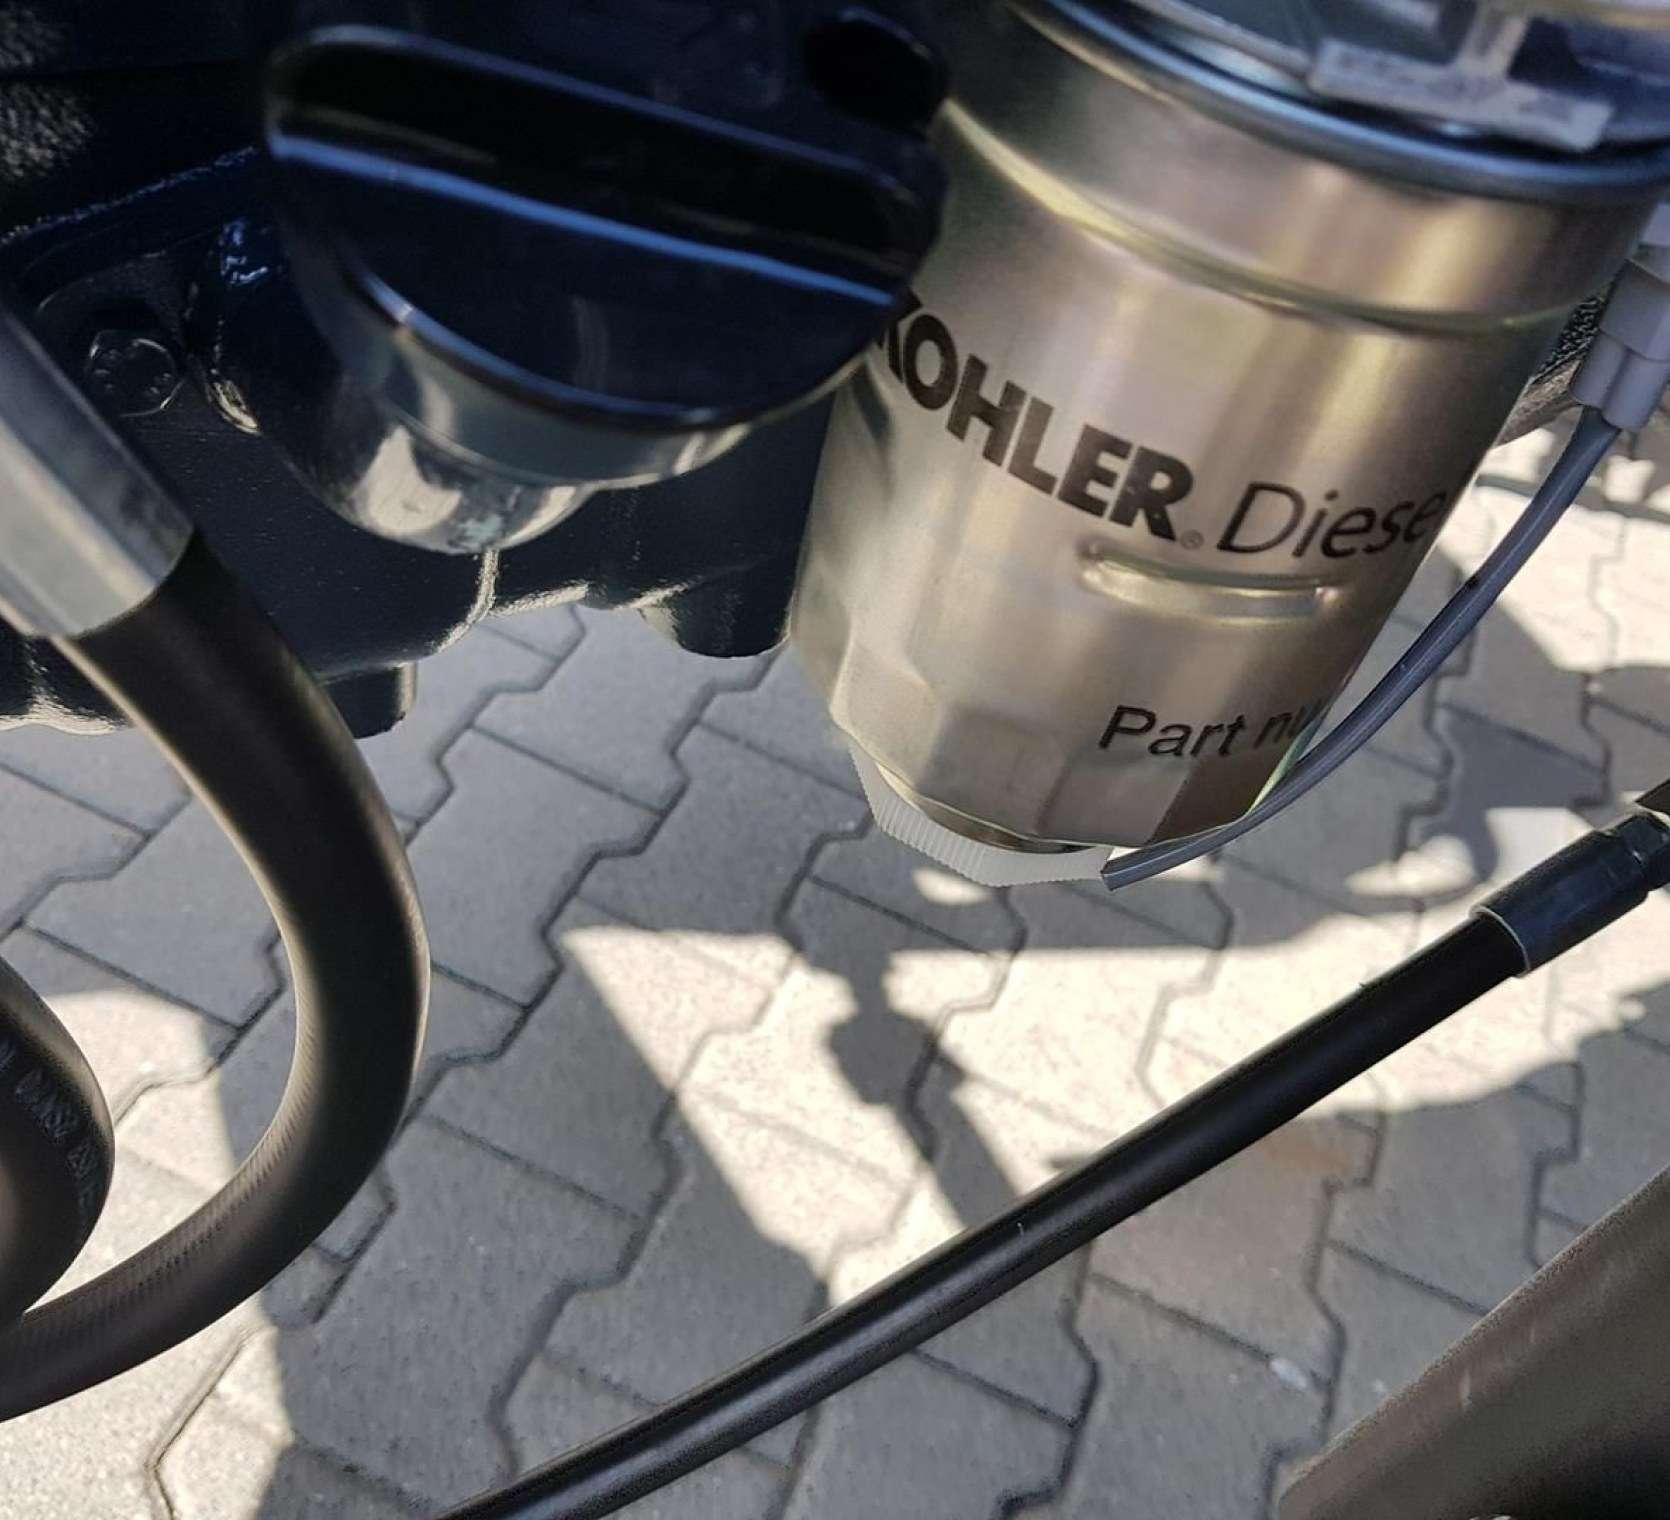 filtr odchodzacy od znakomitego silnika nominowanego do nagrod kohler amerykanskiej firmy